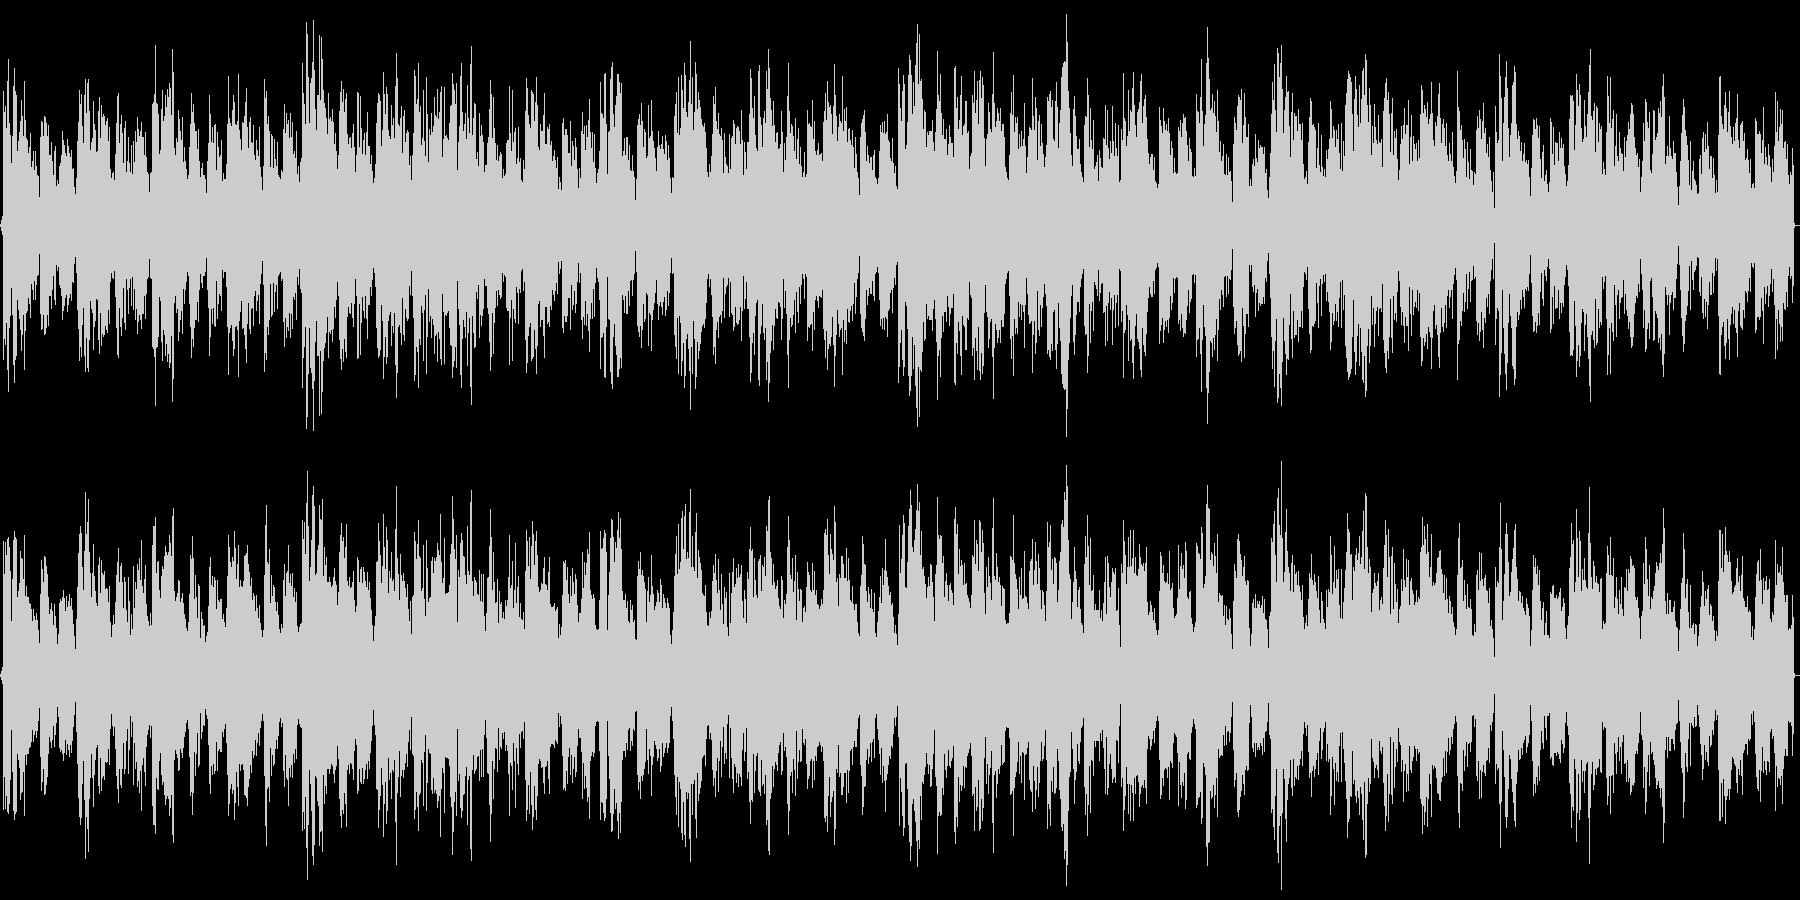 クラブのBGMを想定したパワフルな楽曲の未再生の波形